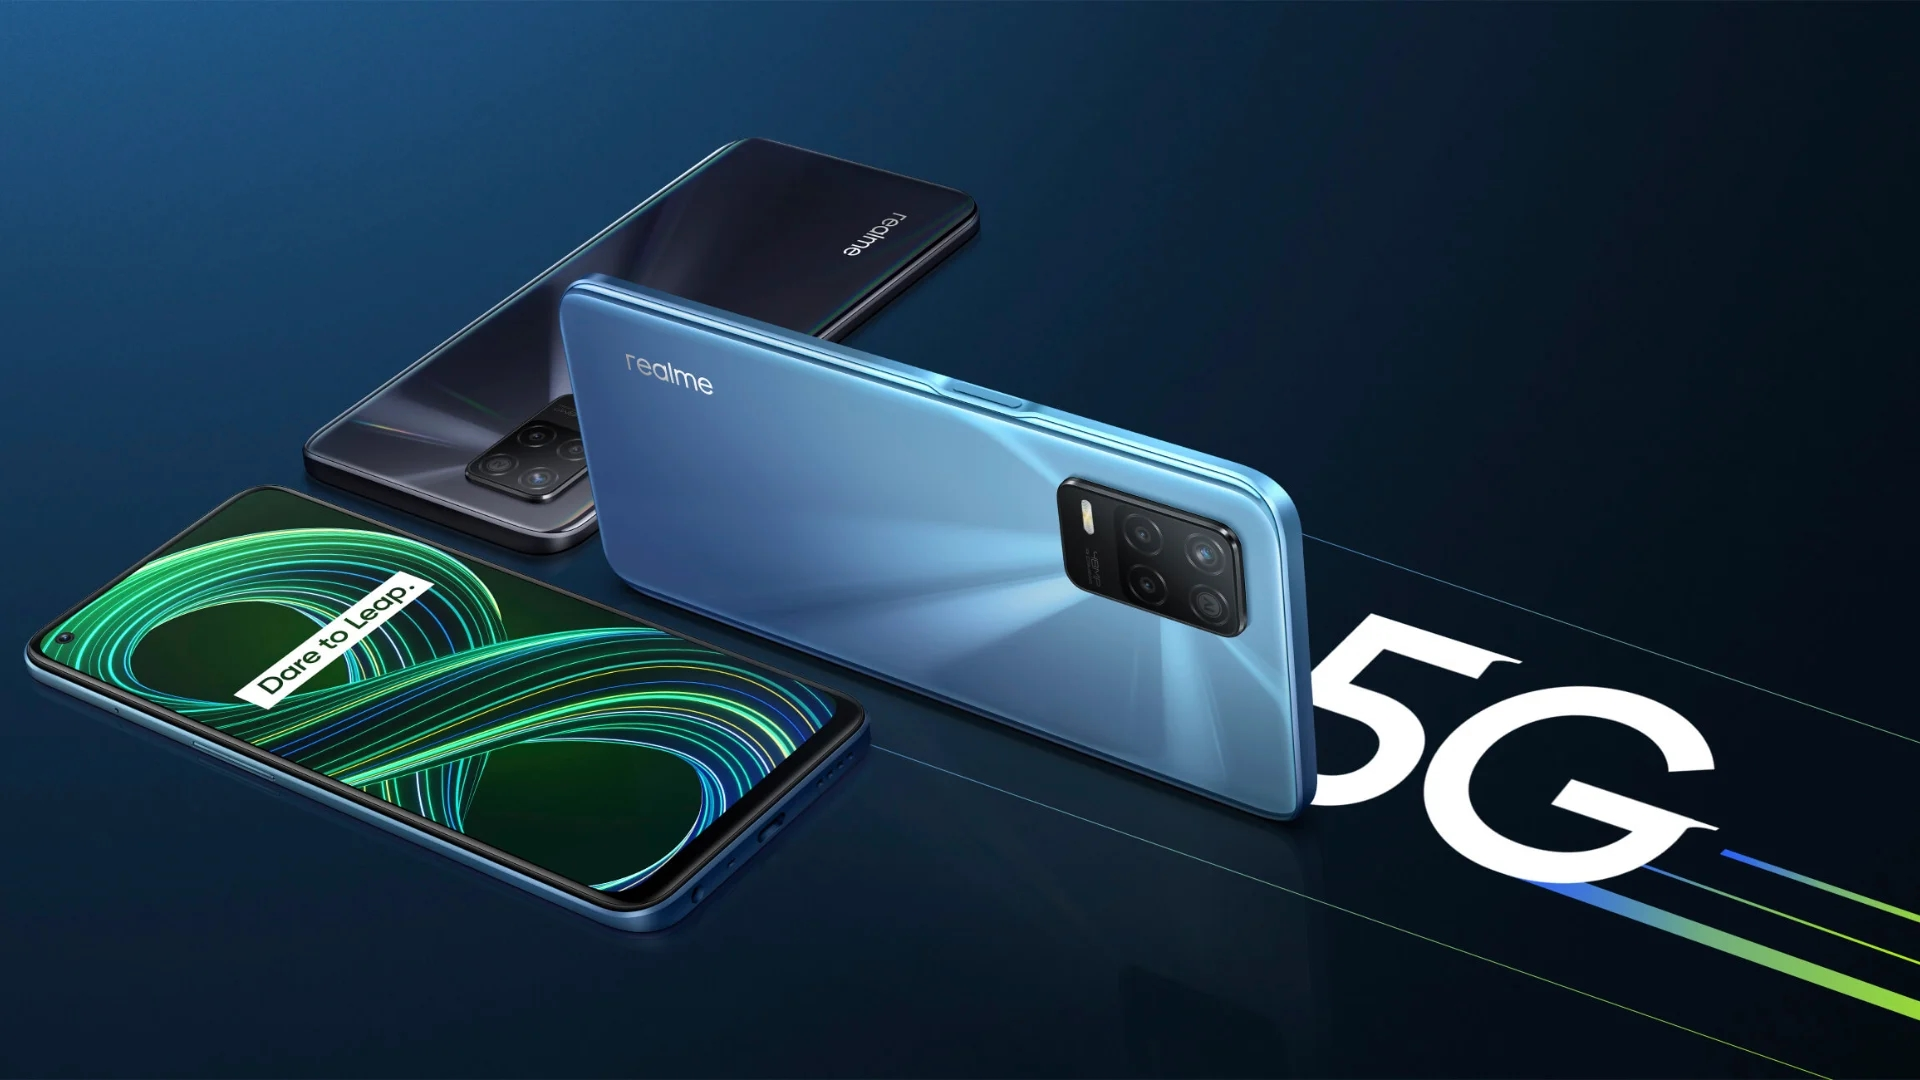 Realme smartphone promo